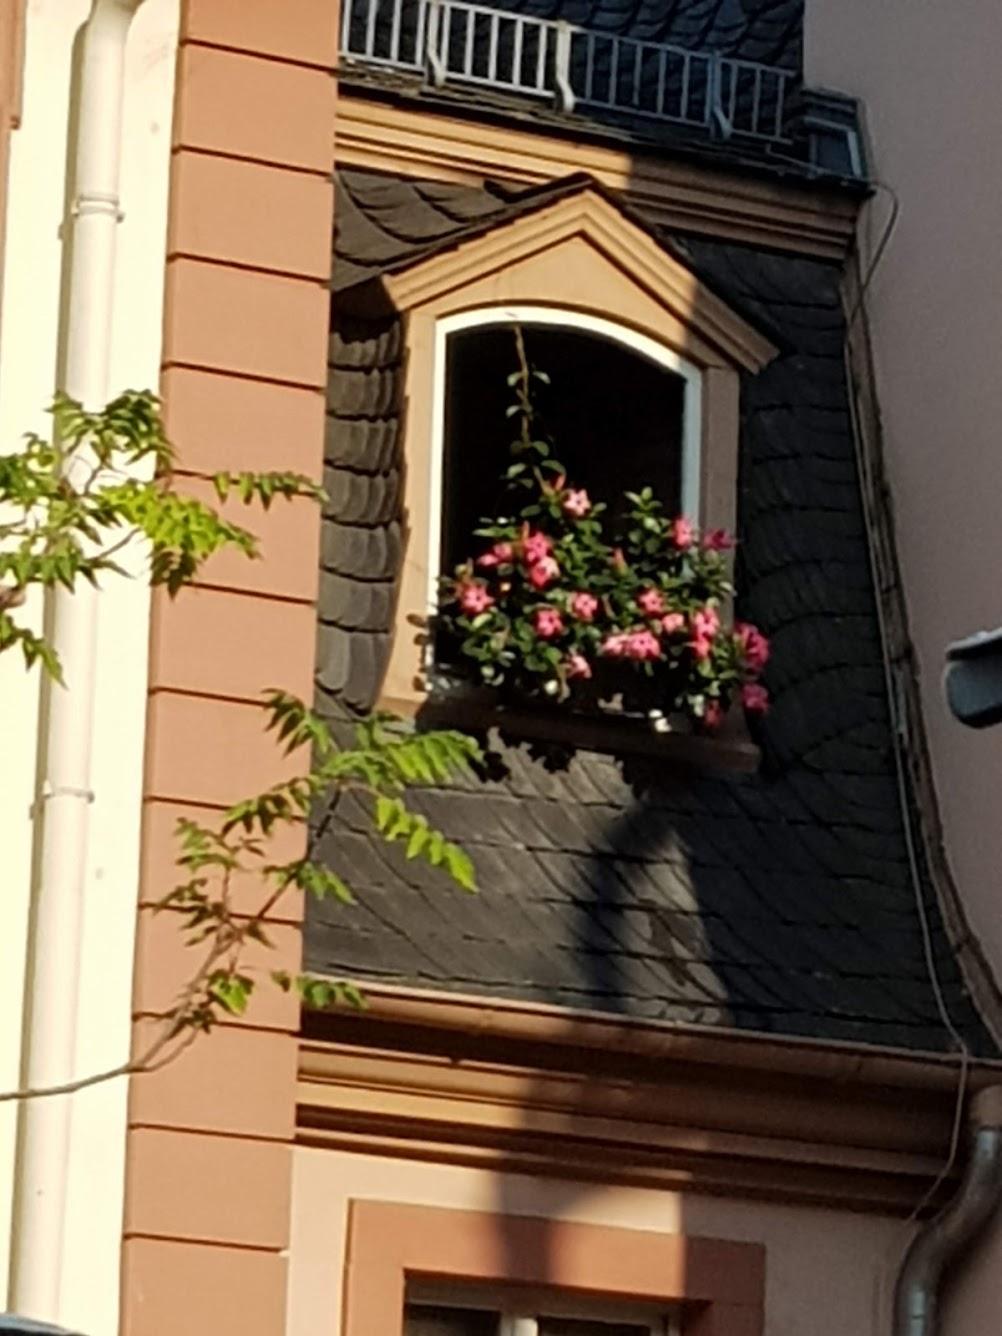 Mainz - Foto 10 Gisela Kentmann